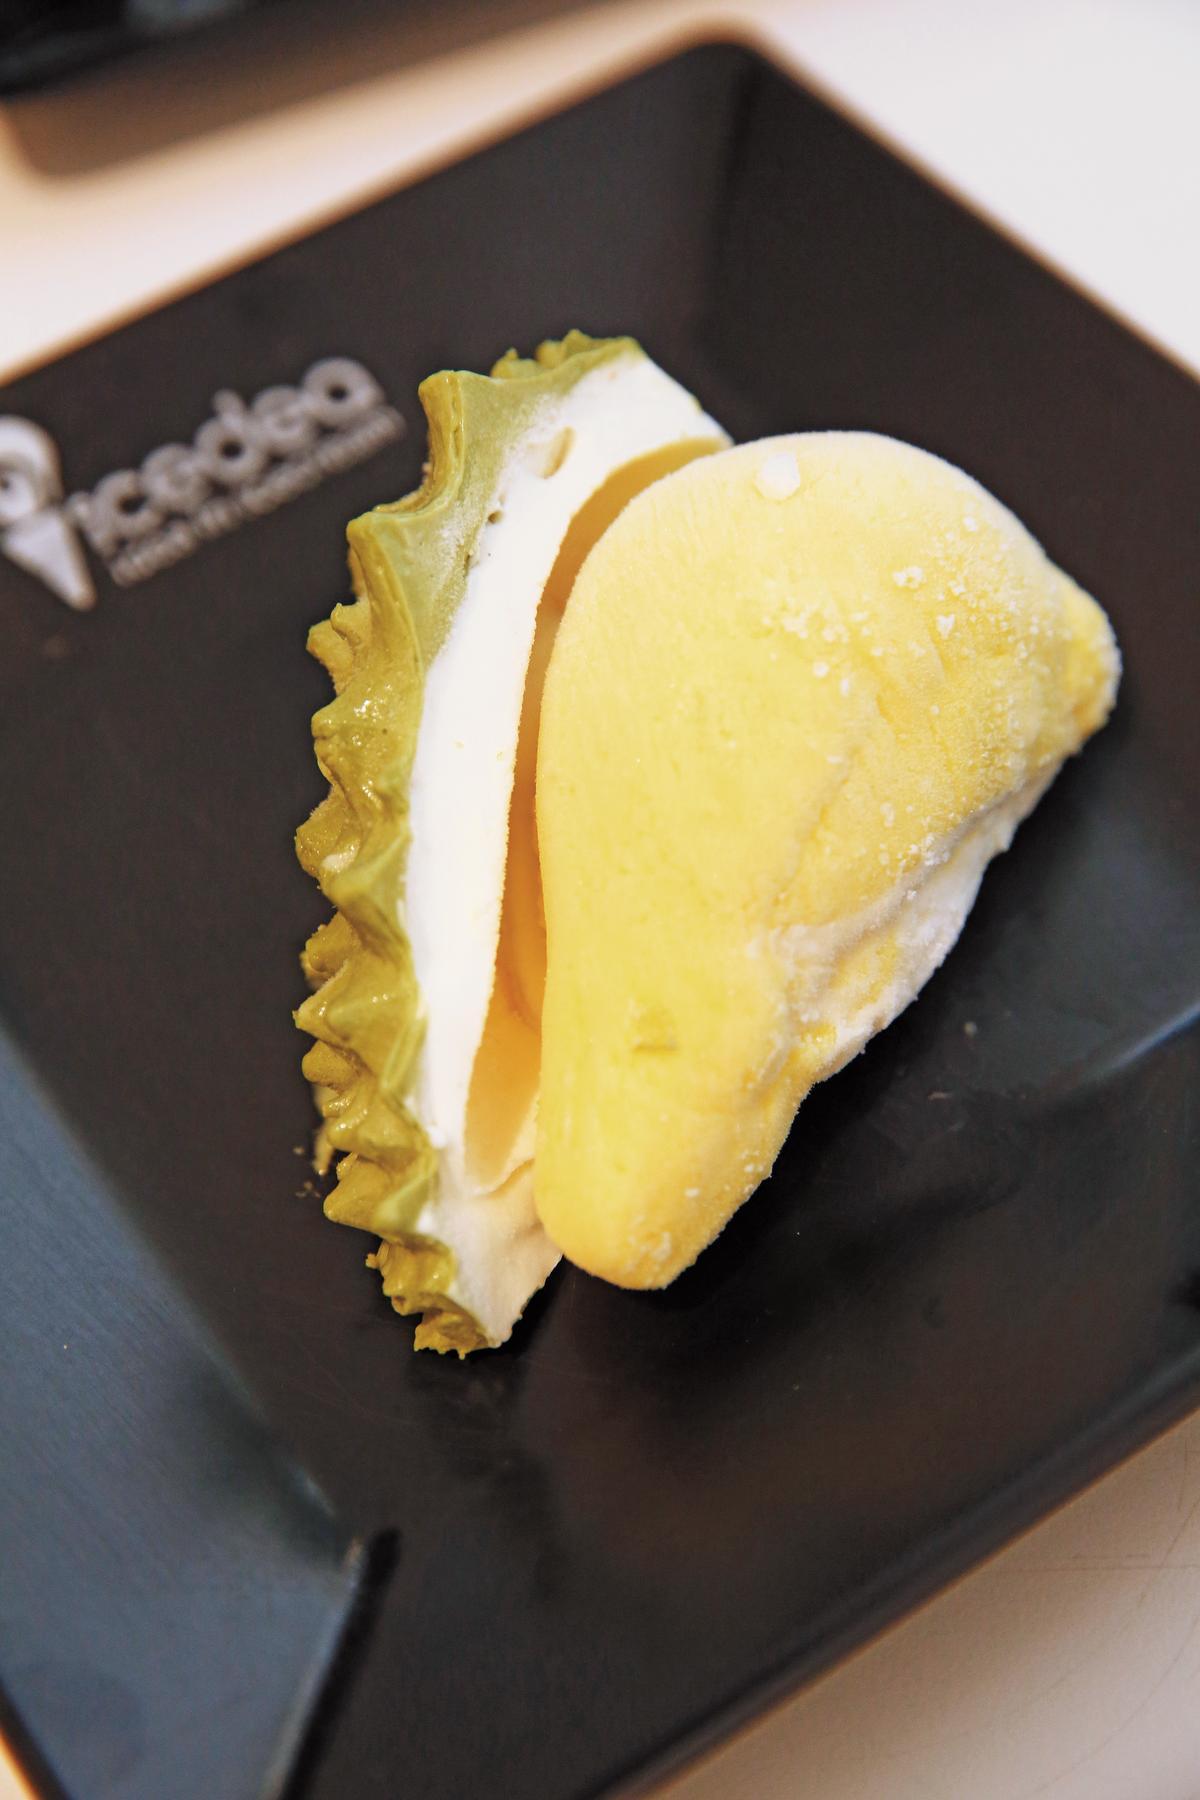 「榴槤冰淇淋」的表皮是抹茶口味,果肉則是榴槤味。(泰銖239元/份,約NT$213)